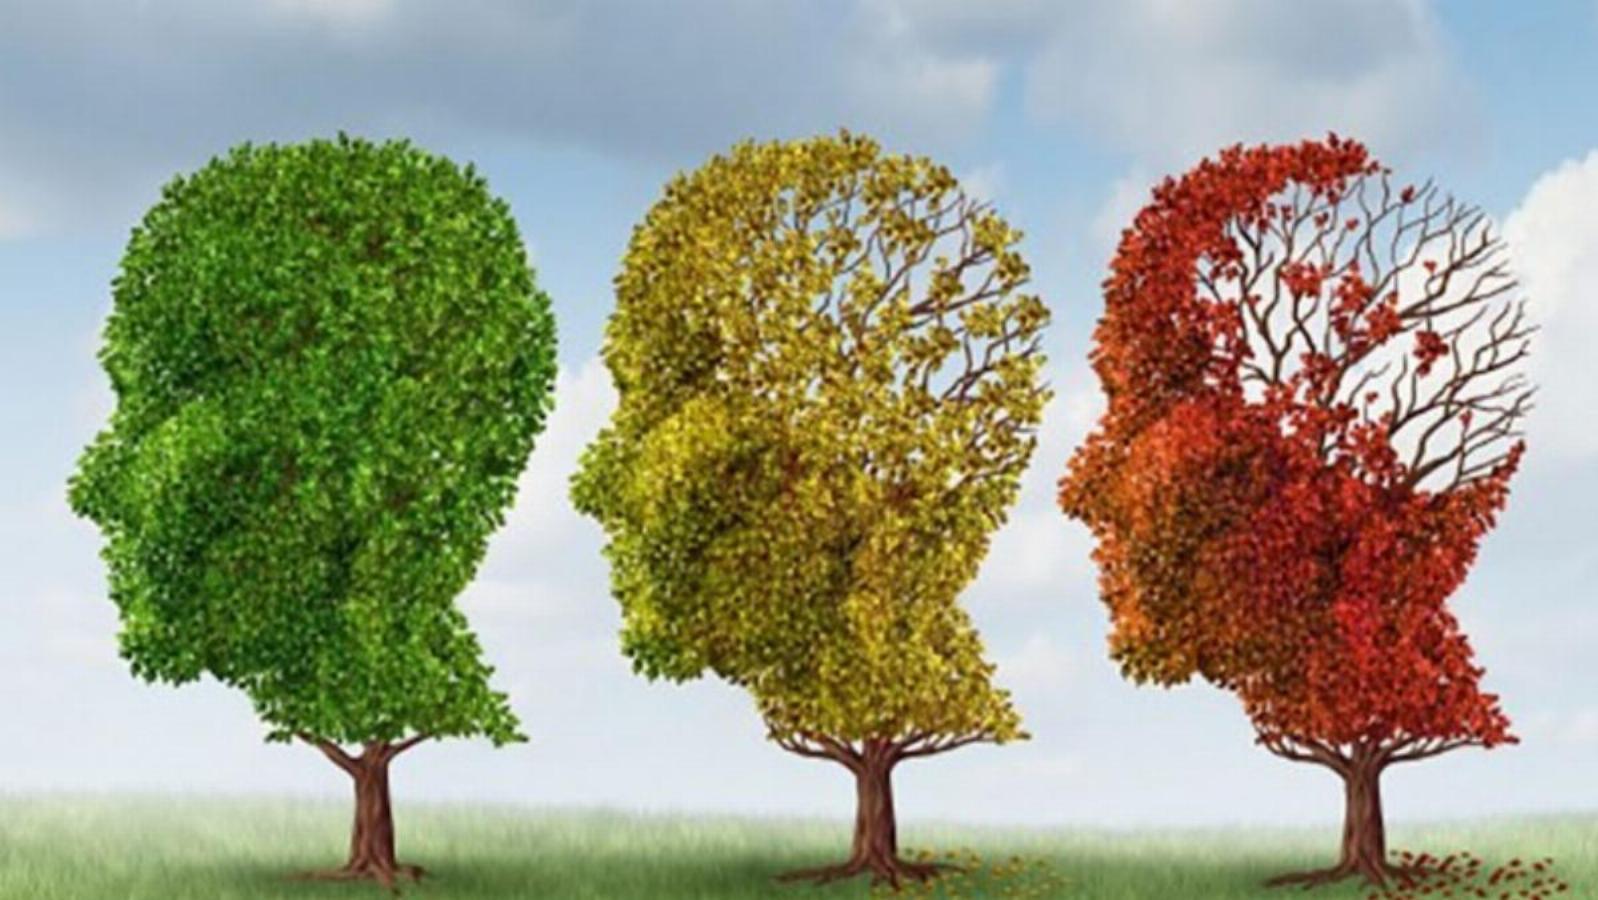 چگونه بخوریم تا دچار آلزایمر نشویم؟